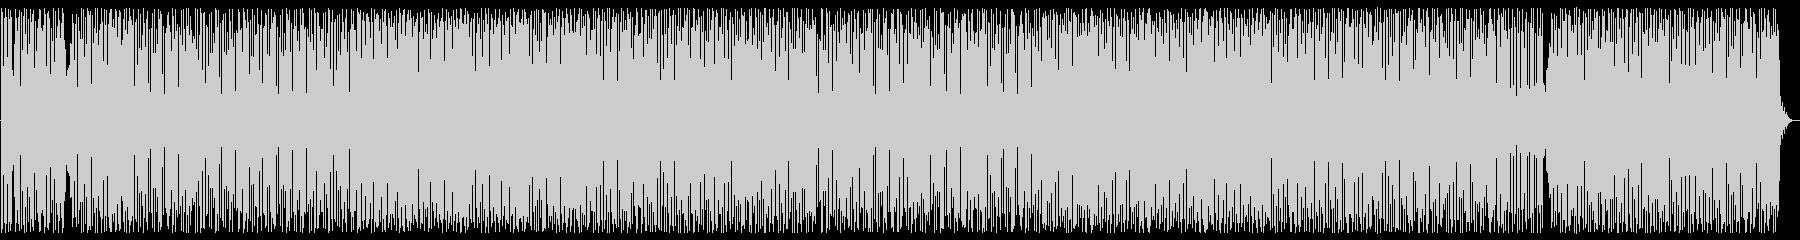 ギャング/マフィア/ドープ/ヒップホップの未再生の波形